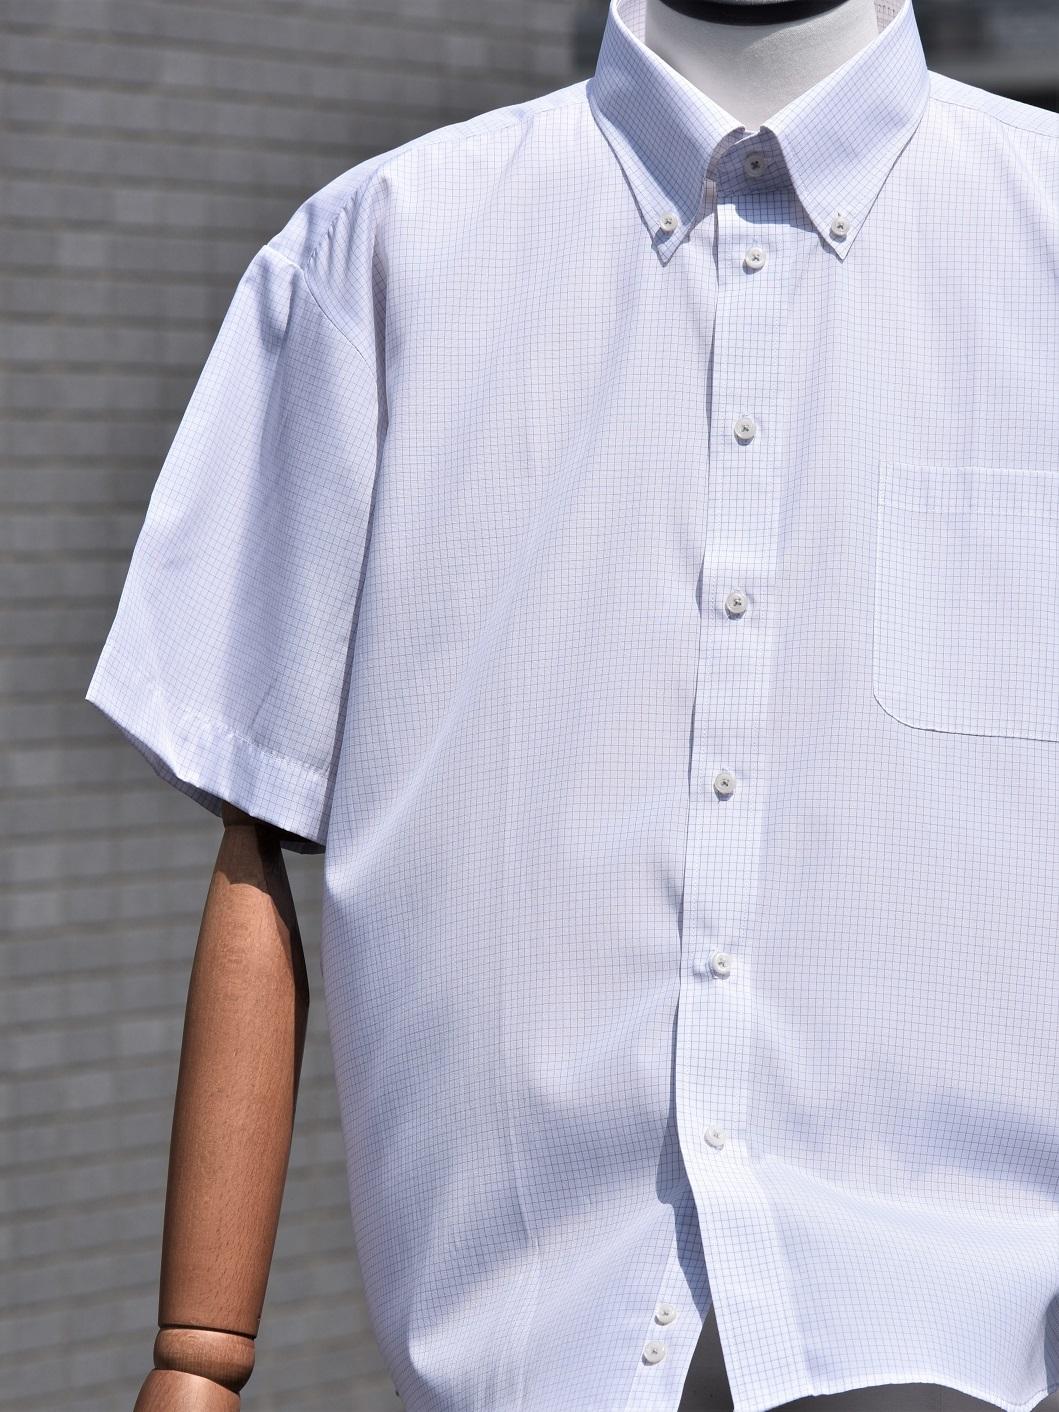 【大きめサイズ3L】半袖チェック柄シャツ(ホワイト) BB